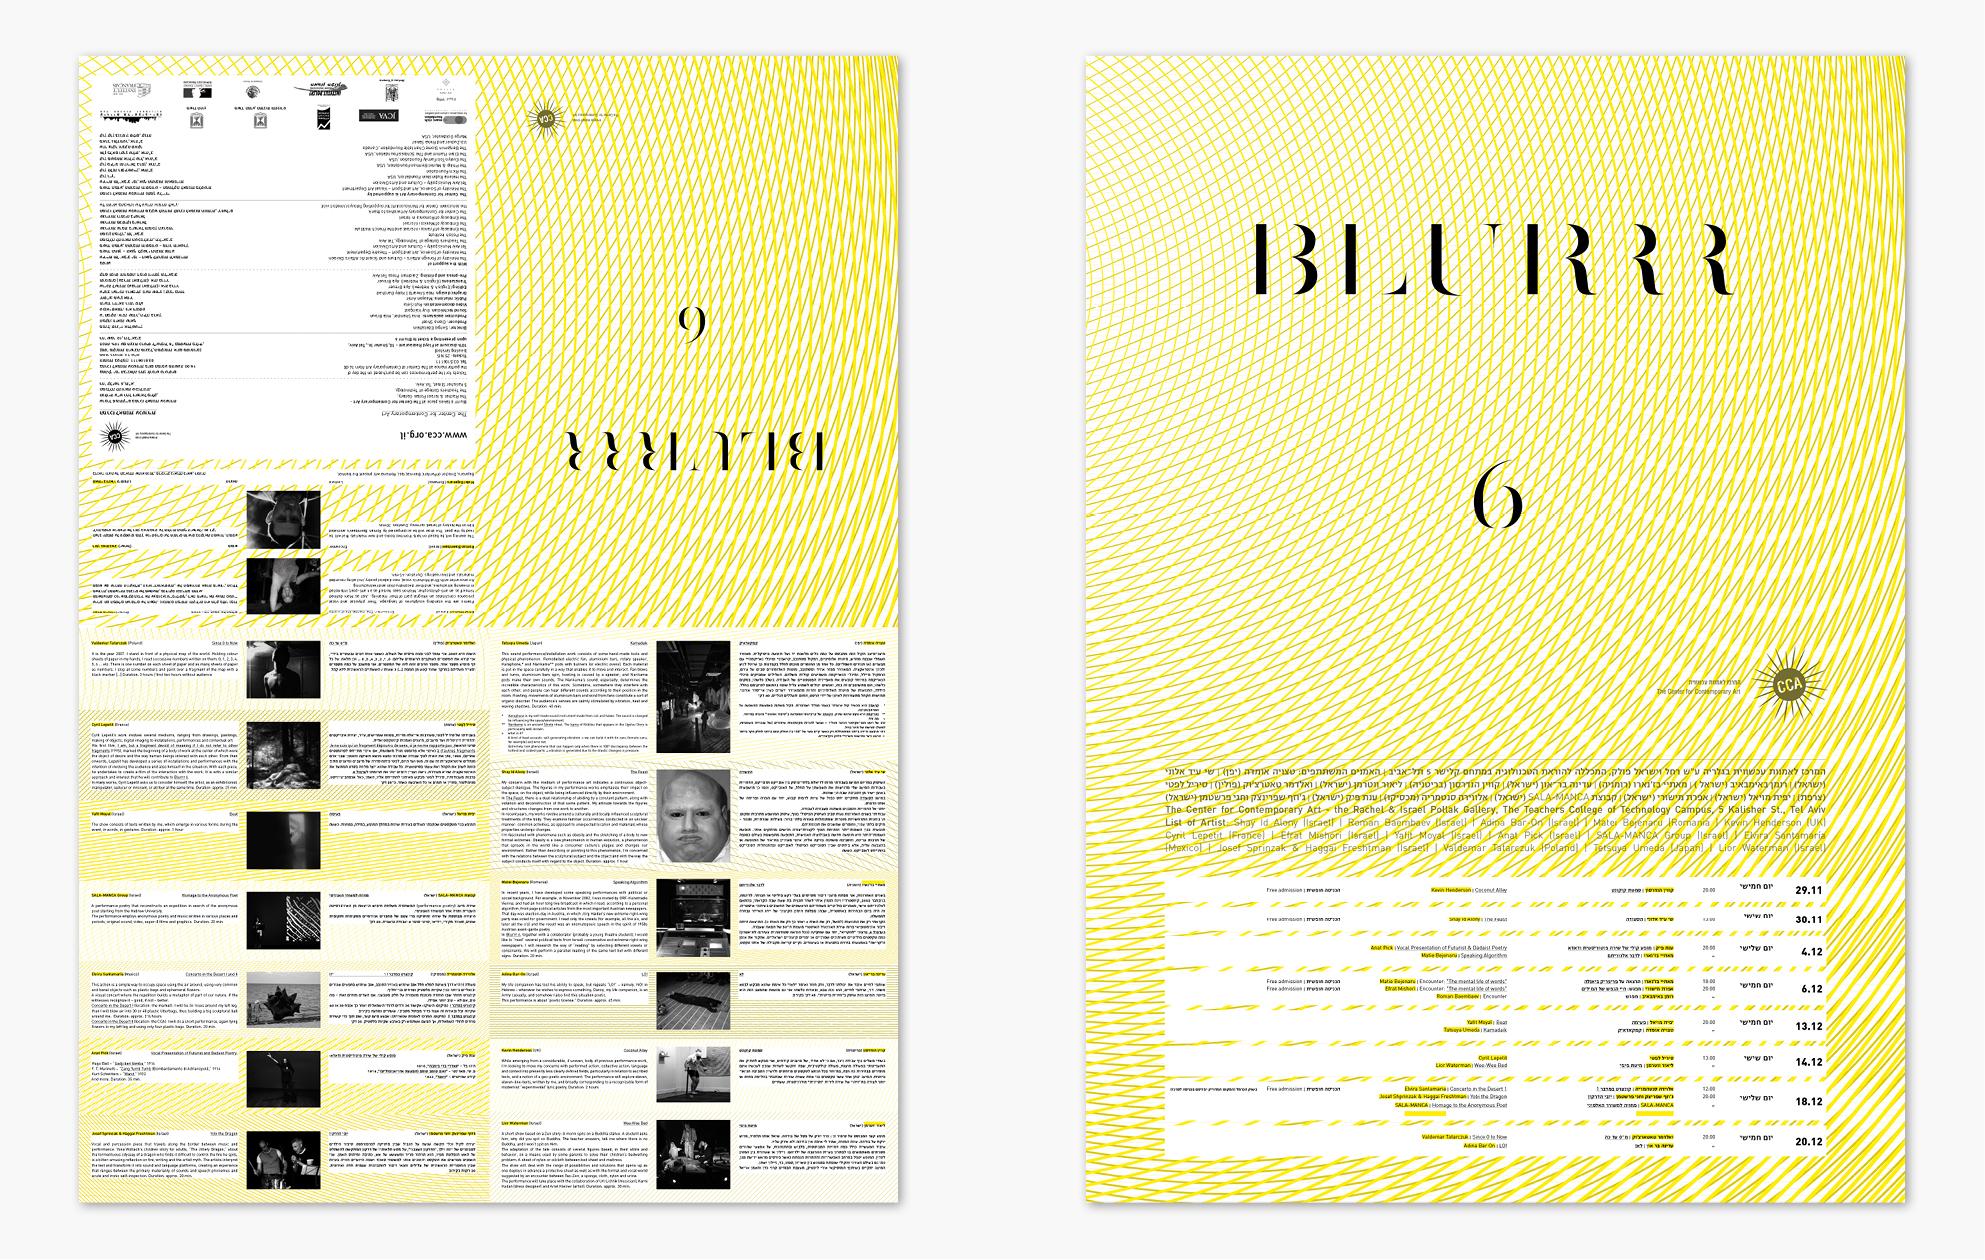 BLURRR 6